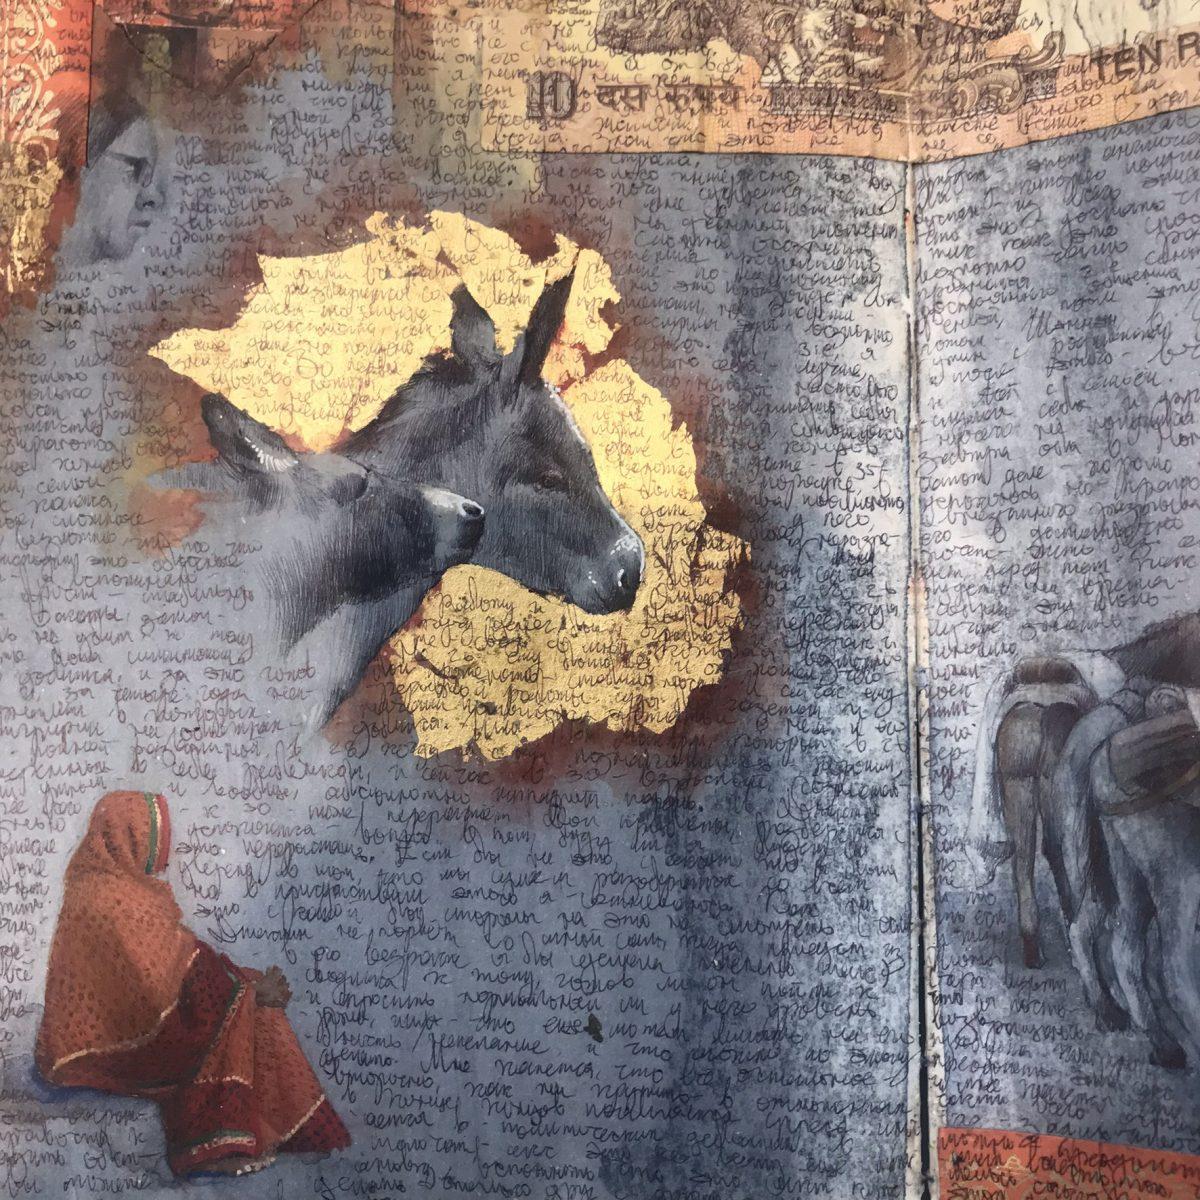 Detail of Dina Brodsky's sketchbook. (Milene Fernandez/The Epoch Times)